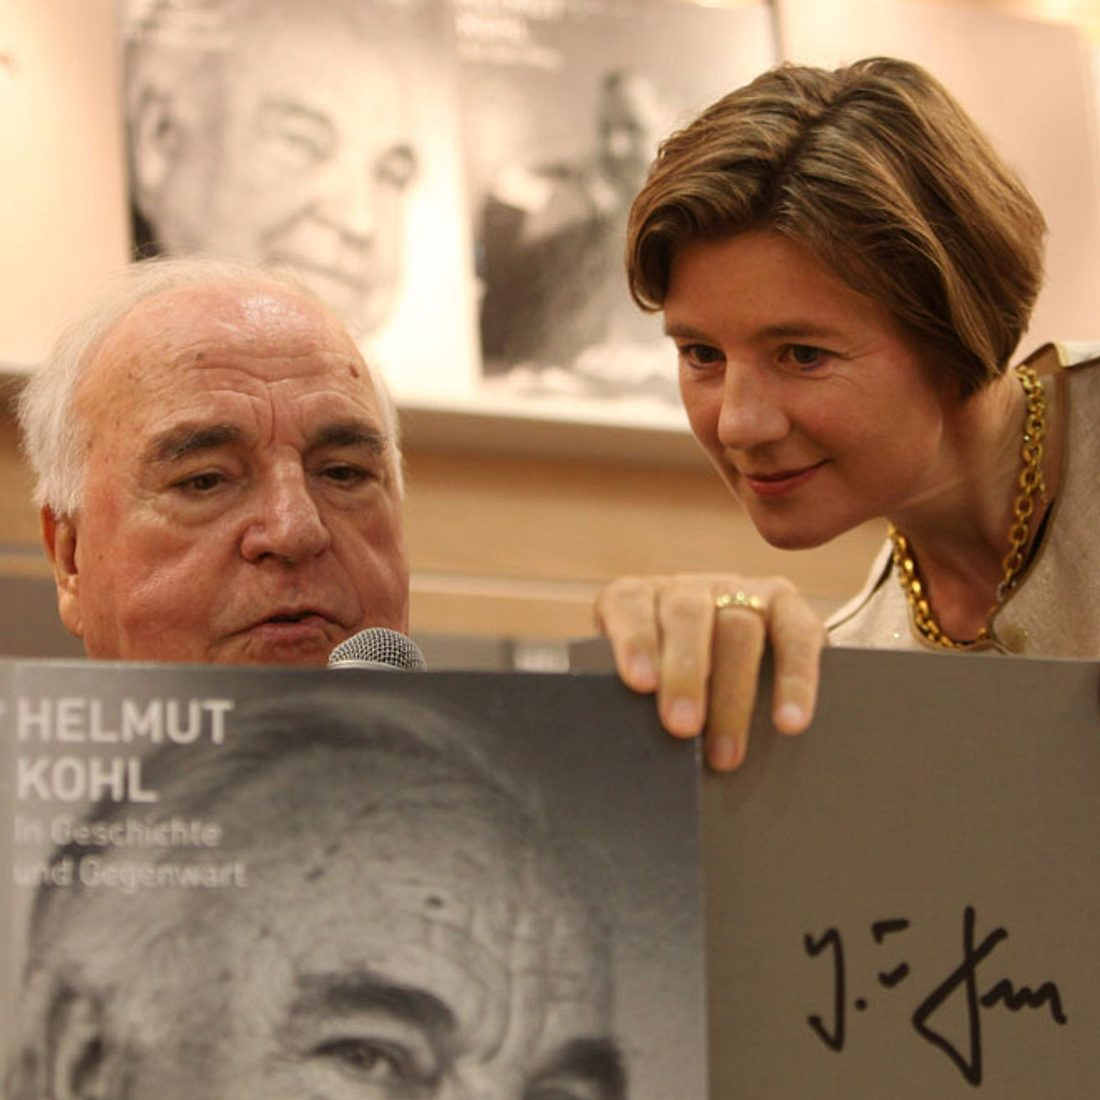 Maike Kohl-Richter: Darum hat sie keinen Anspruch auf die Rente von Helmut Kohl